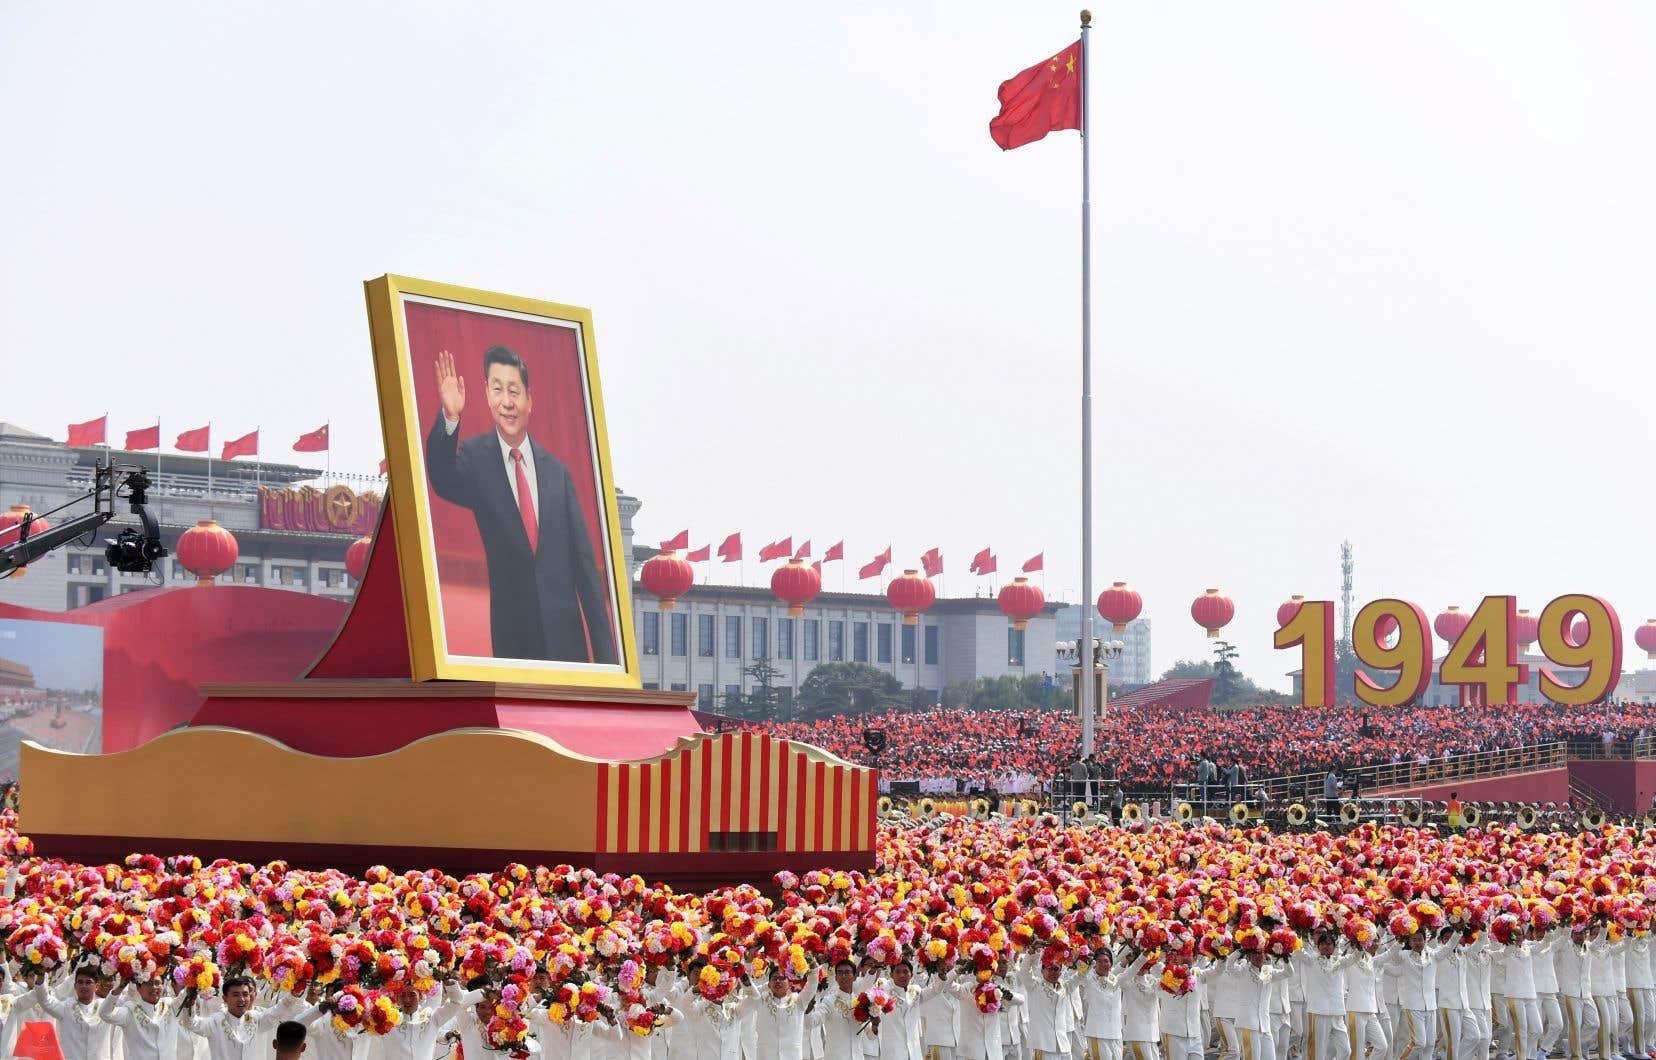 Le président Xi Jinping a de nouveau évoqué le «rêve chinois de la grande renaissance de la nation», qui cherche à incarner la revanche d'un pays moderne et respecté à l'horizon2050 face à l'Occident.